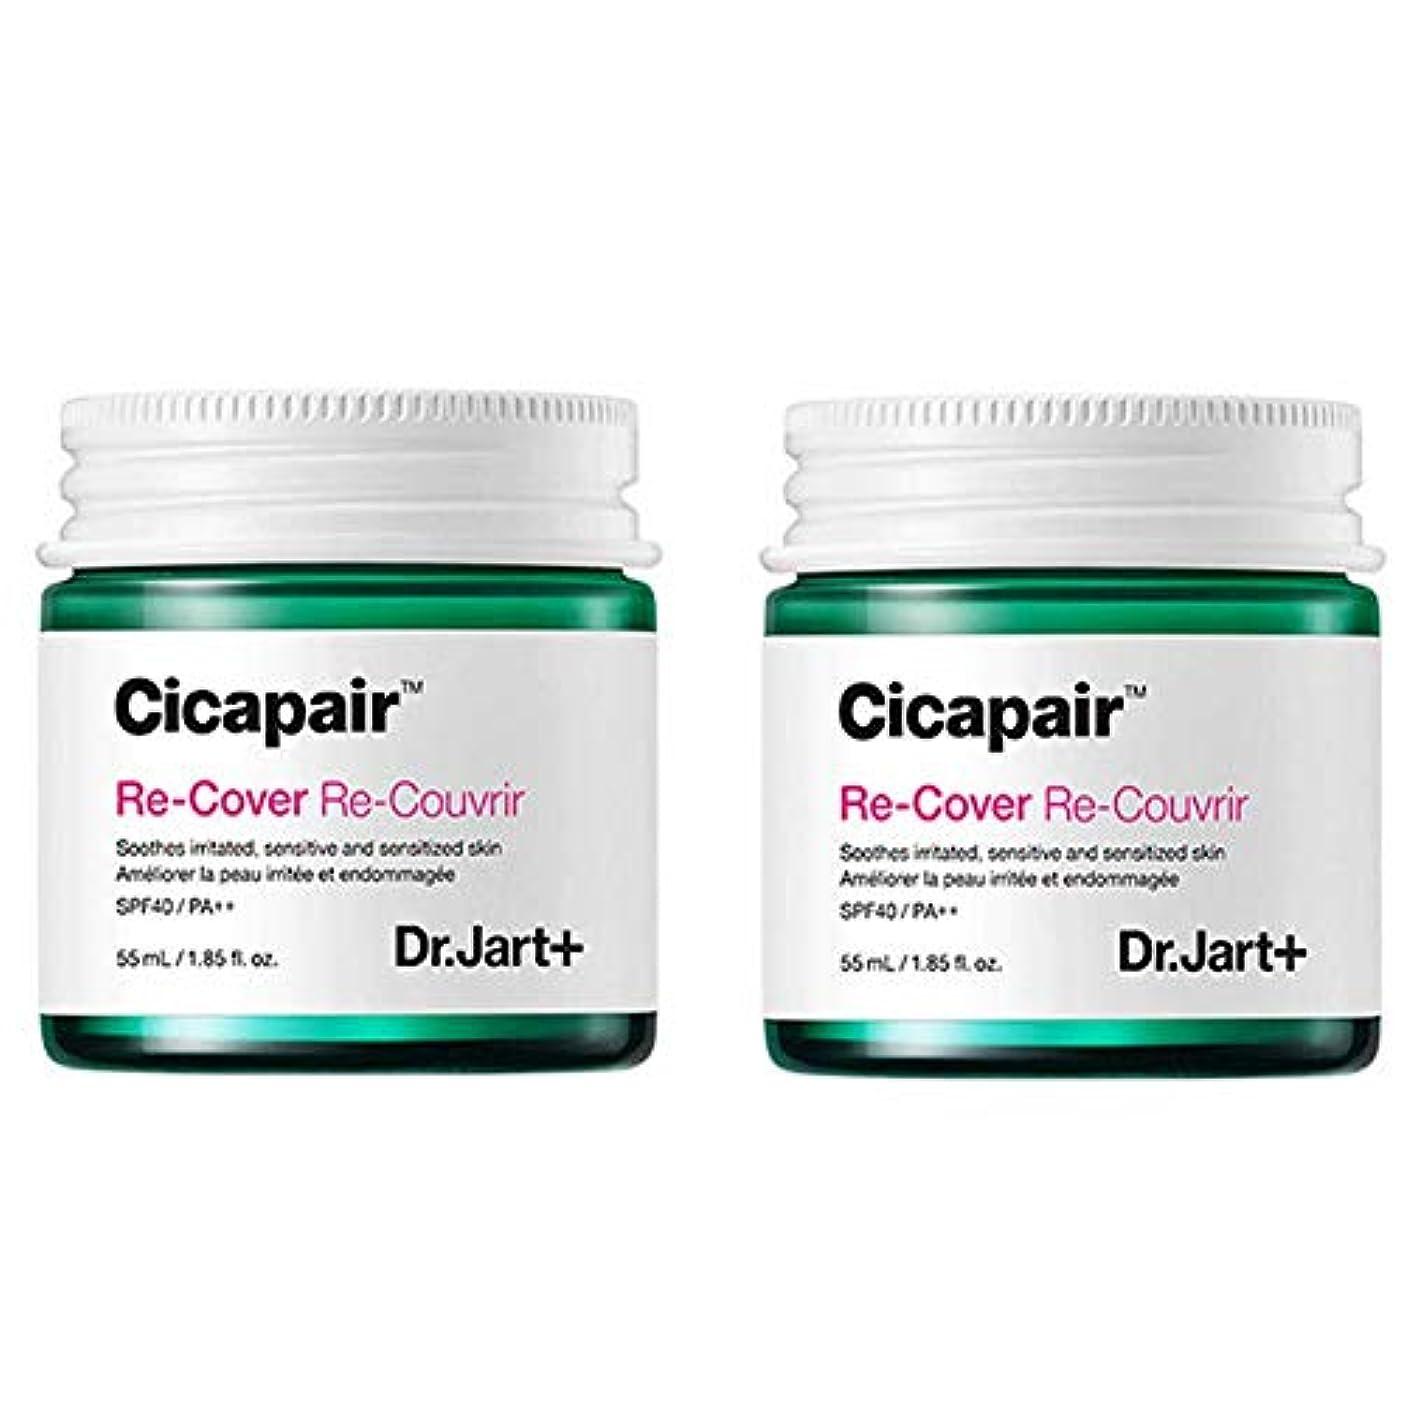 湿地ディスパッチ乱すDr.Jart+ Cicapair ReCover X 2 ドクタージャルトシカペアリカバー X 2 (2代目)皮膚回復 紫外線カット 黄砂ケア [並行輸入品]